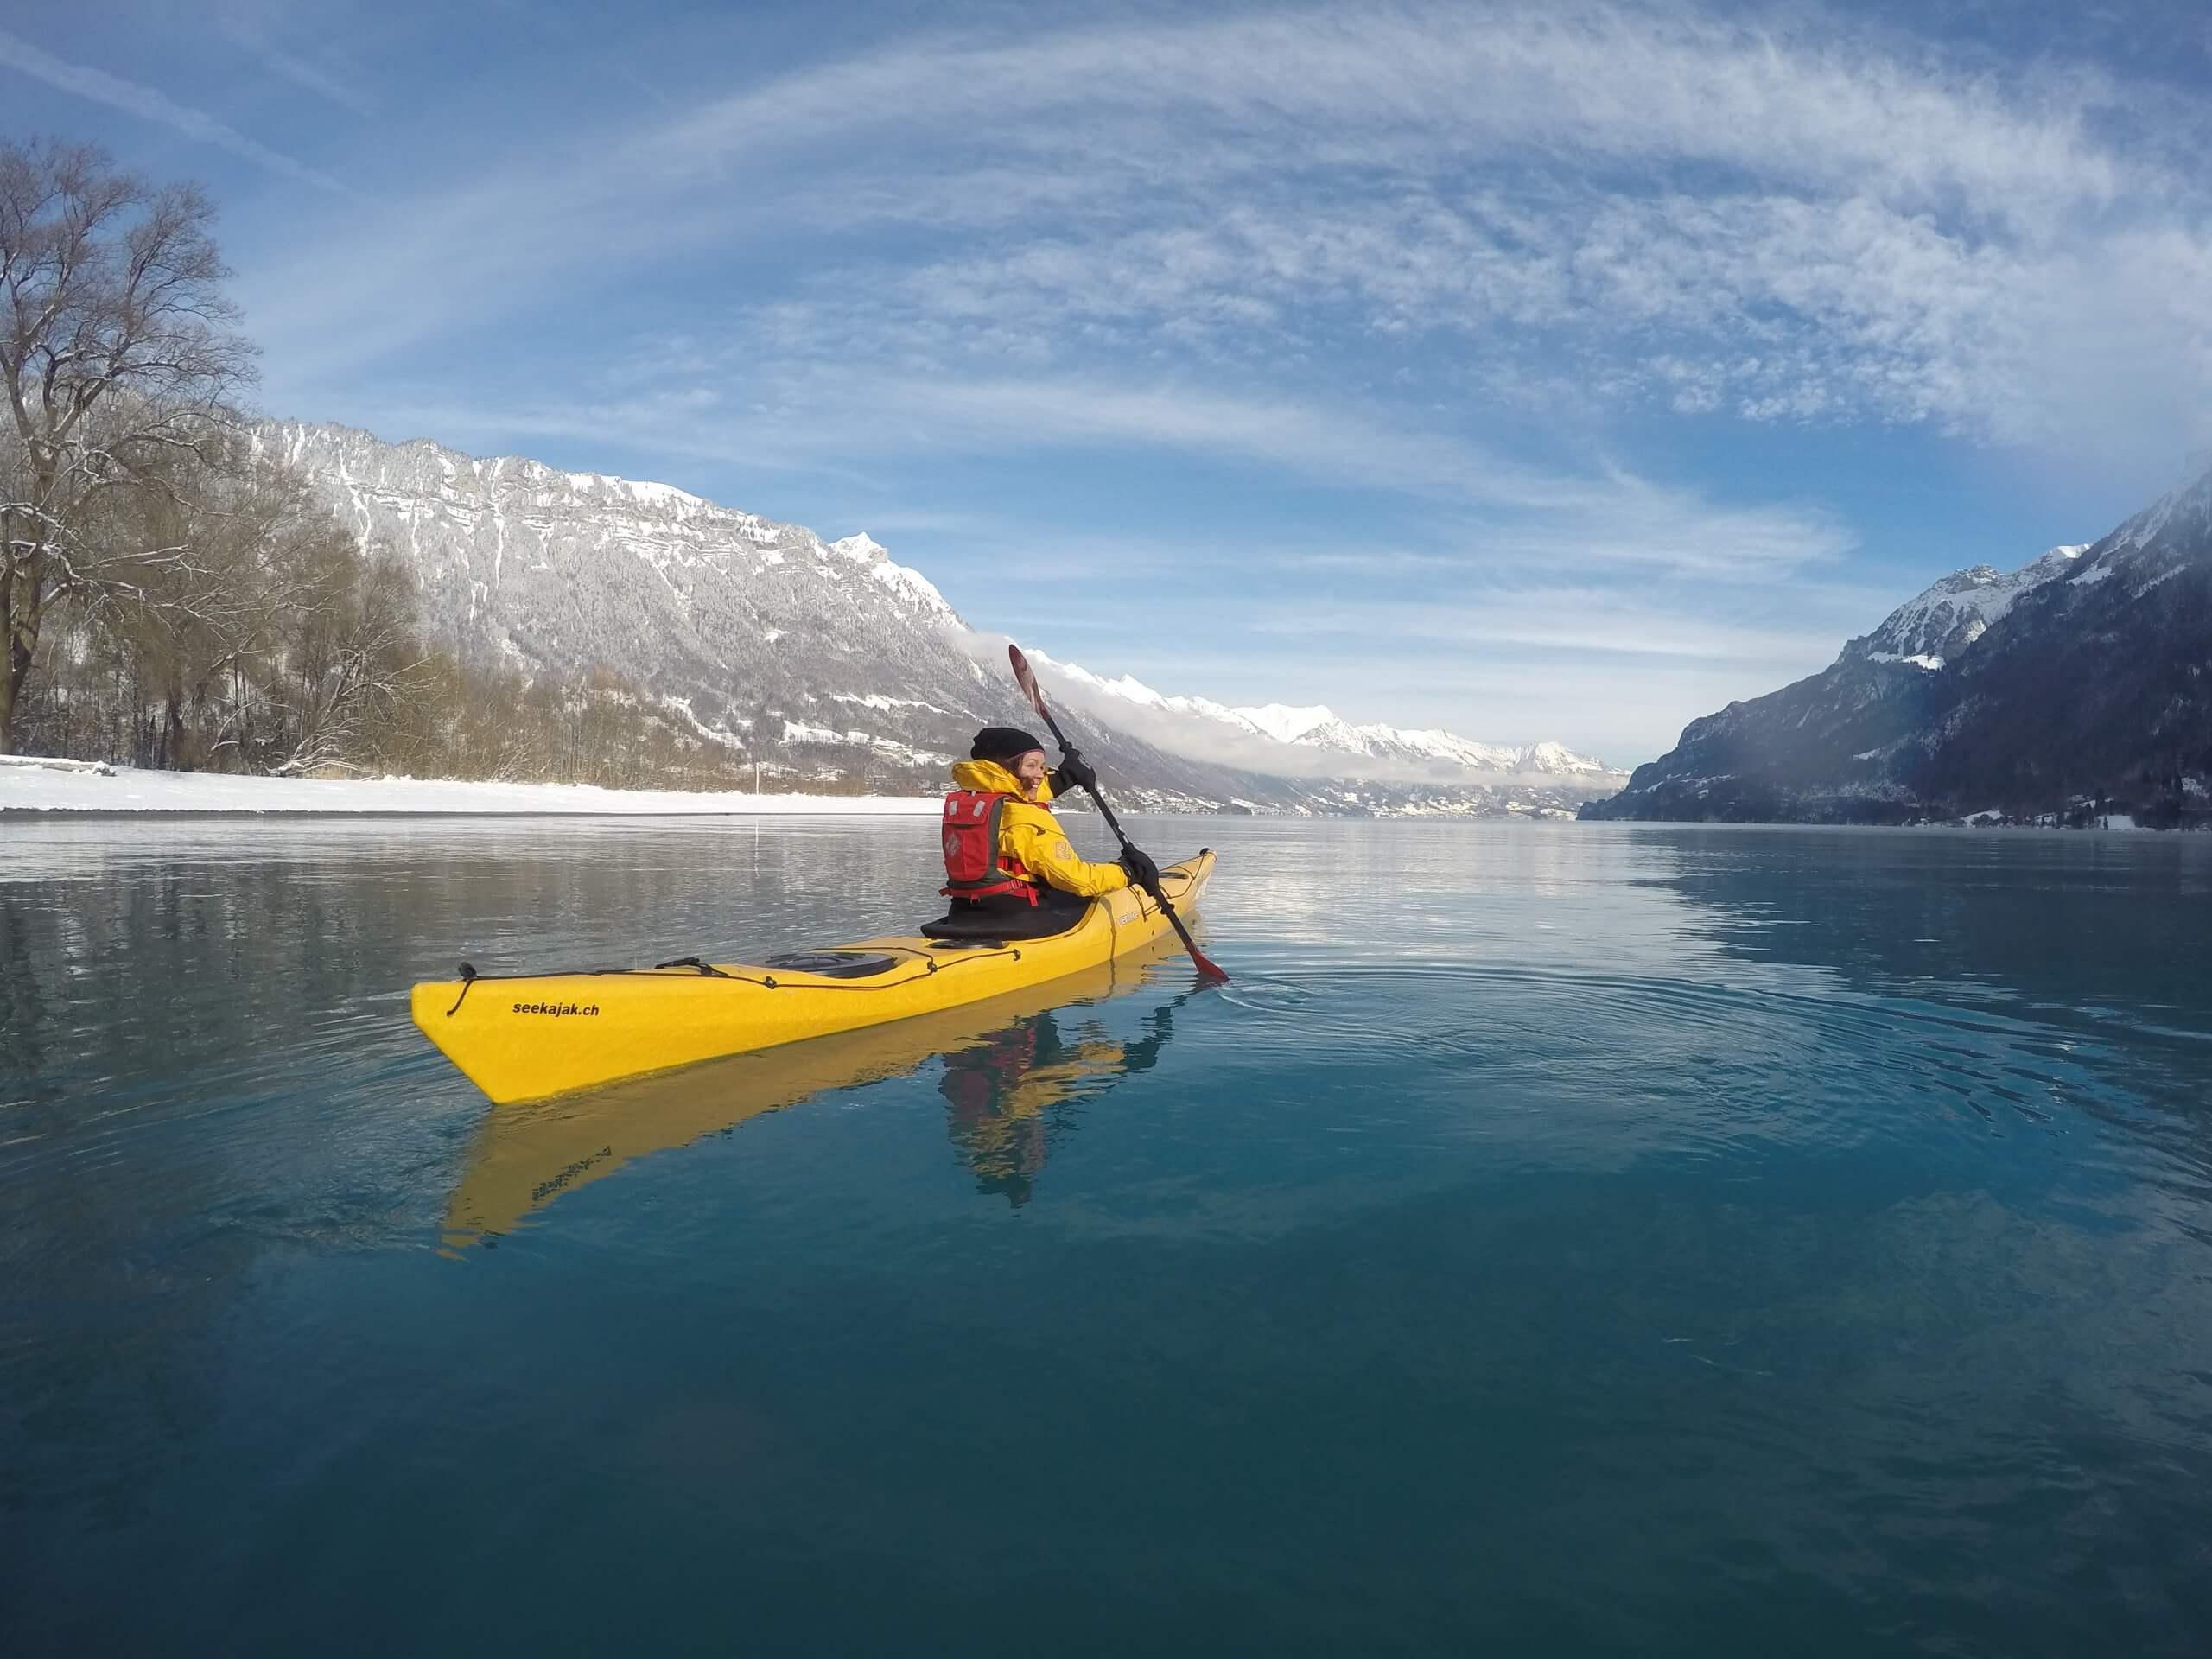 boenigen-kajak-winter-brienzersee-hightide-wasseraktivitaeten-soft-adventure